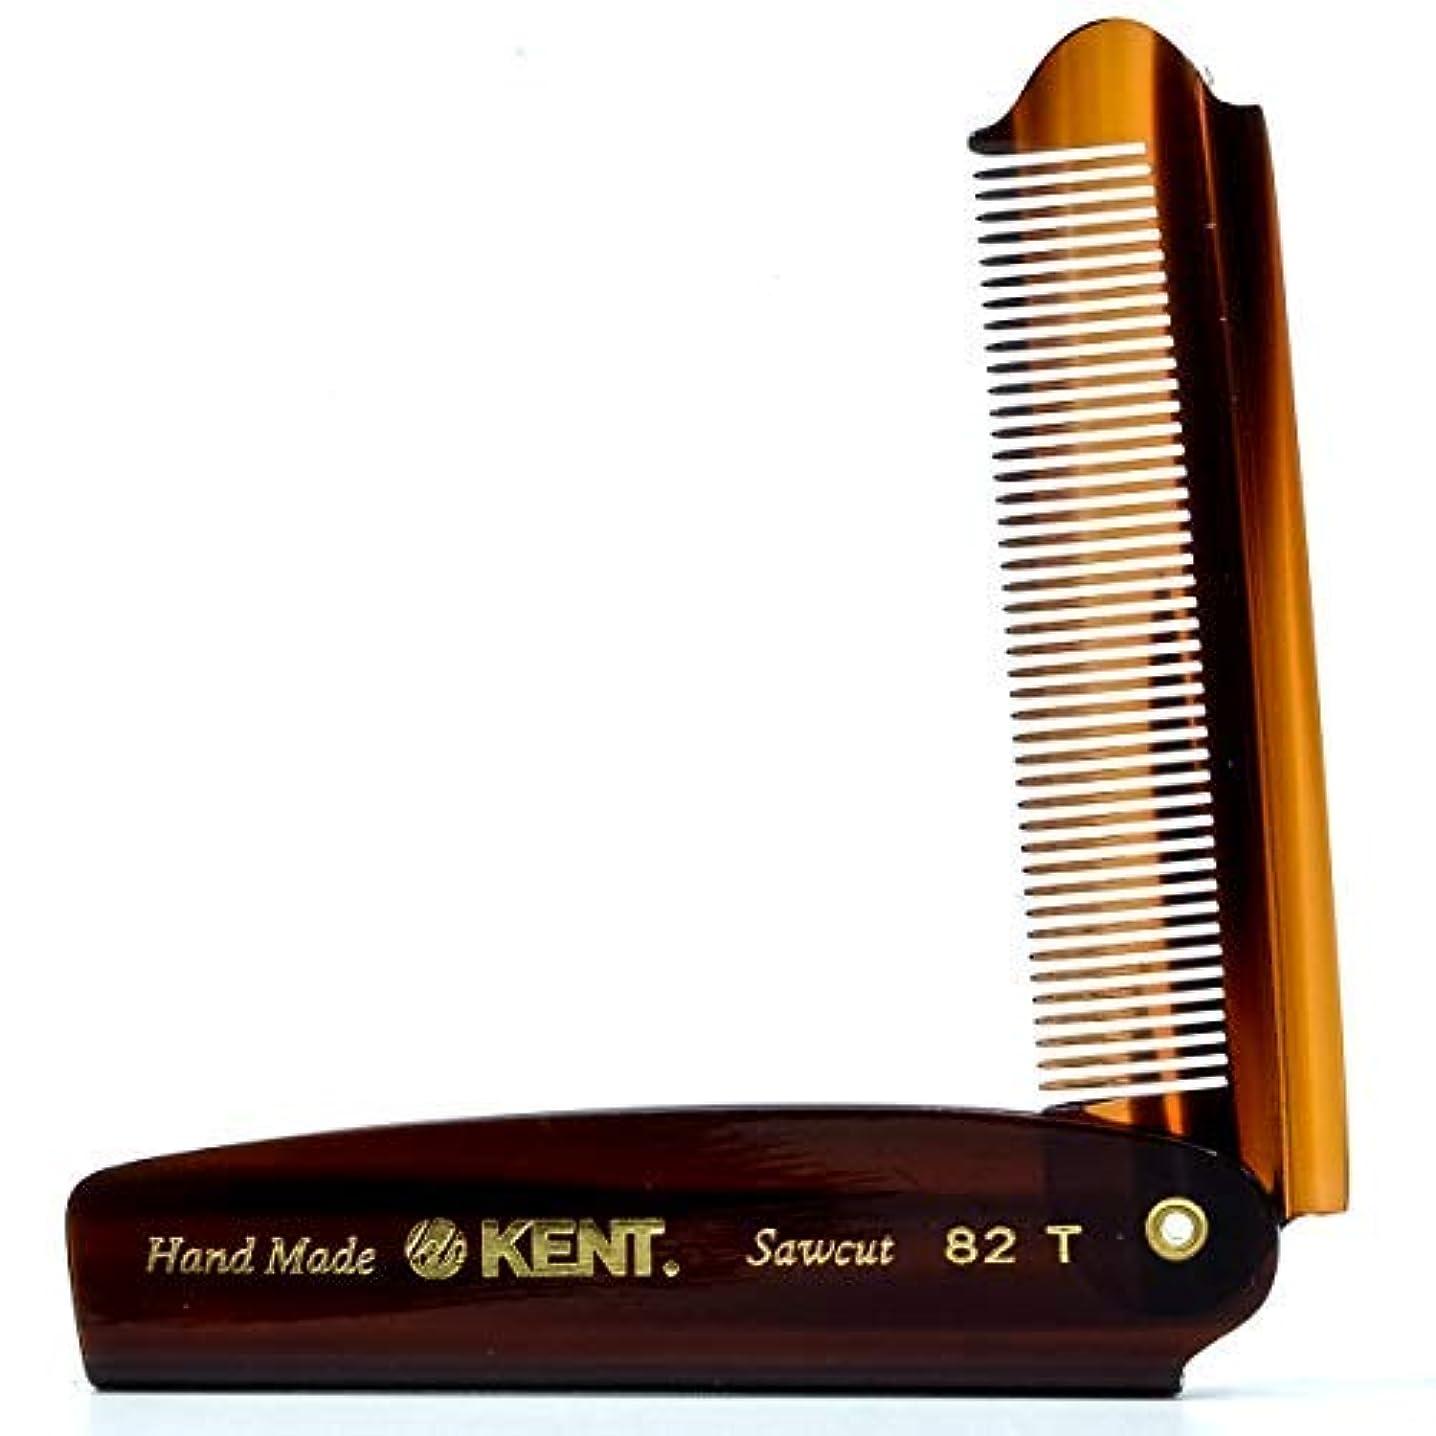 治安判事月面非公式Kent the Hand Made Fine Cut 4 Inches Folding Pocket Comb 82T for Men [並行輸入品]